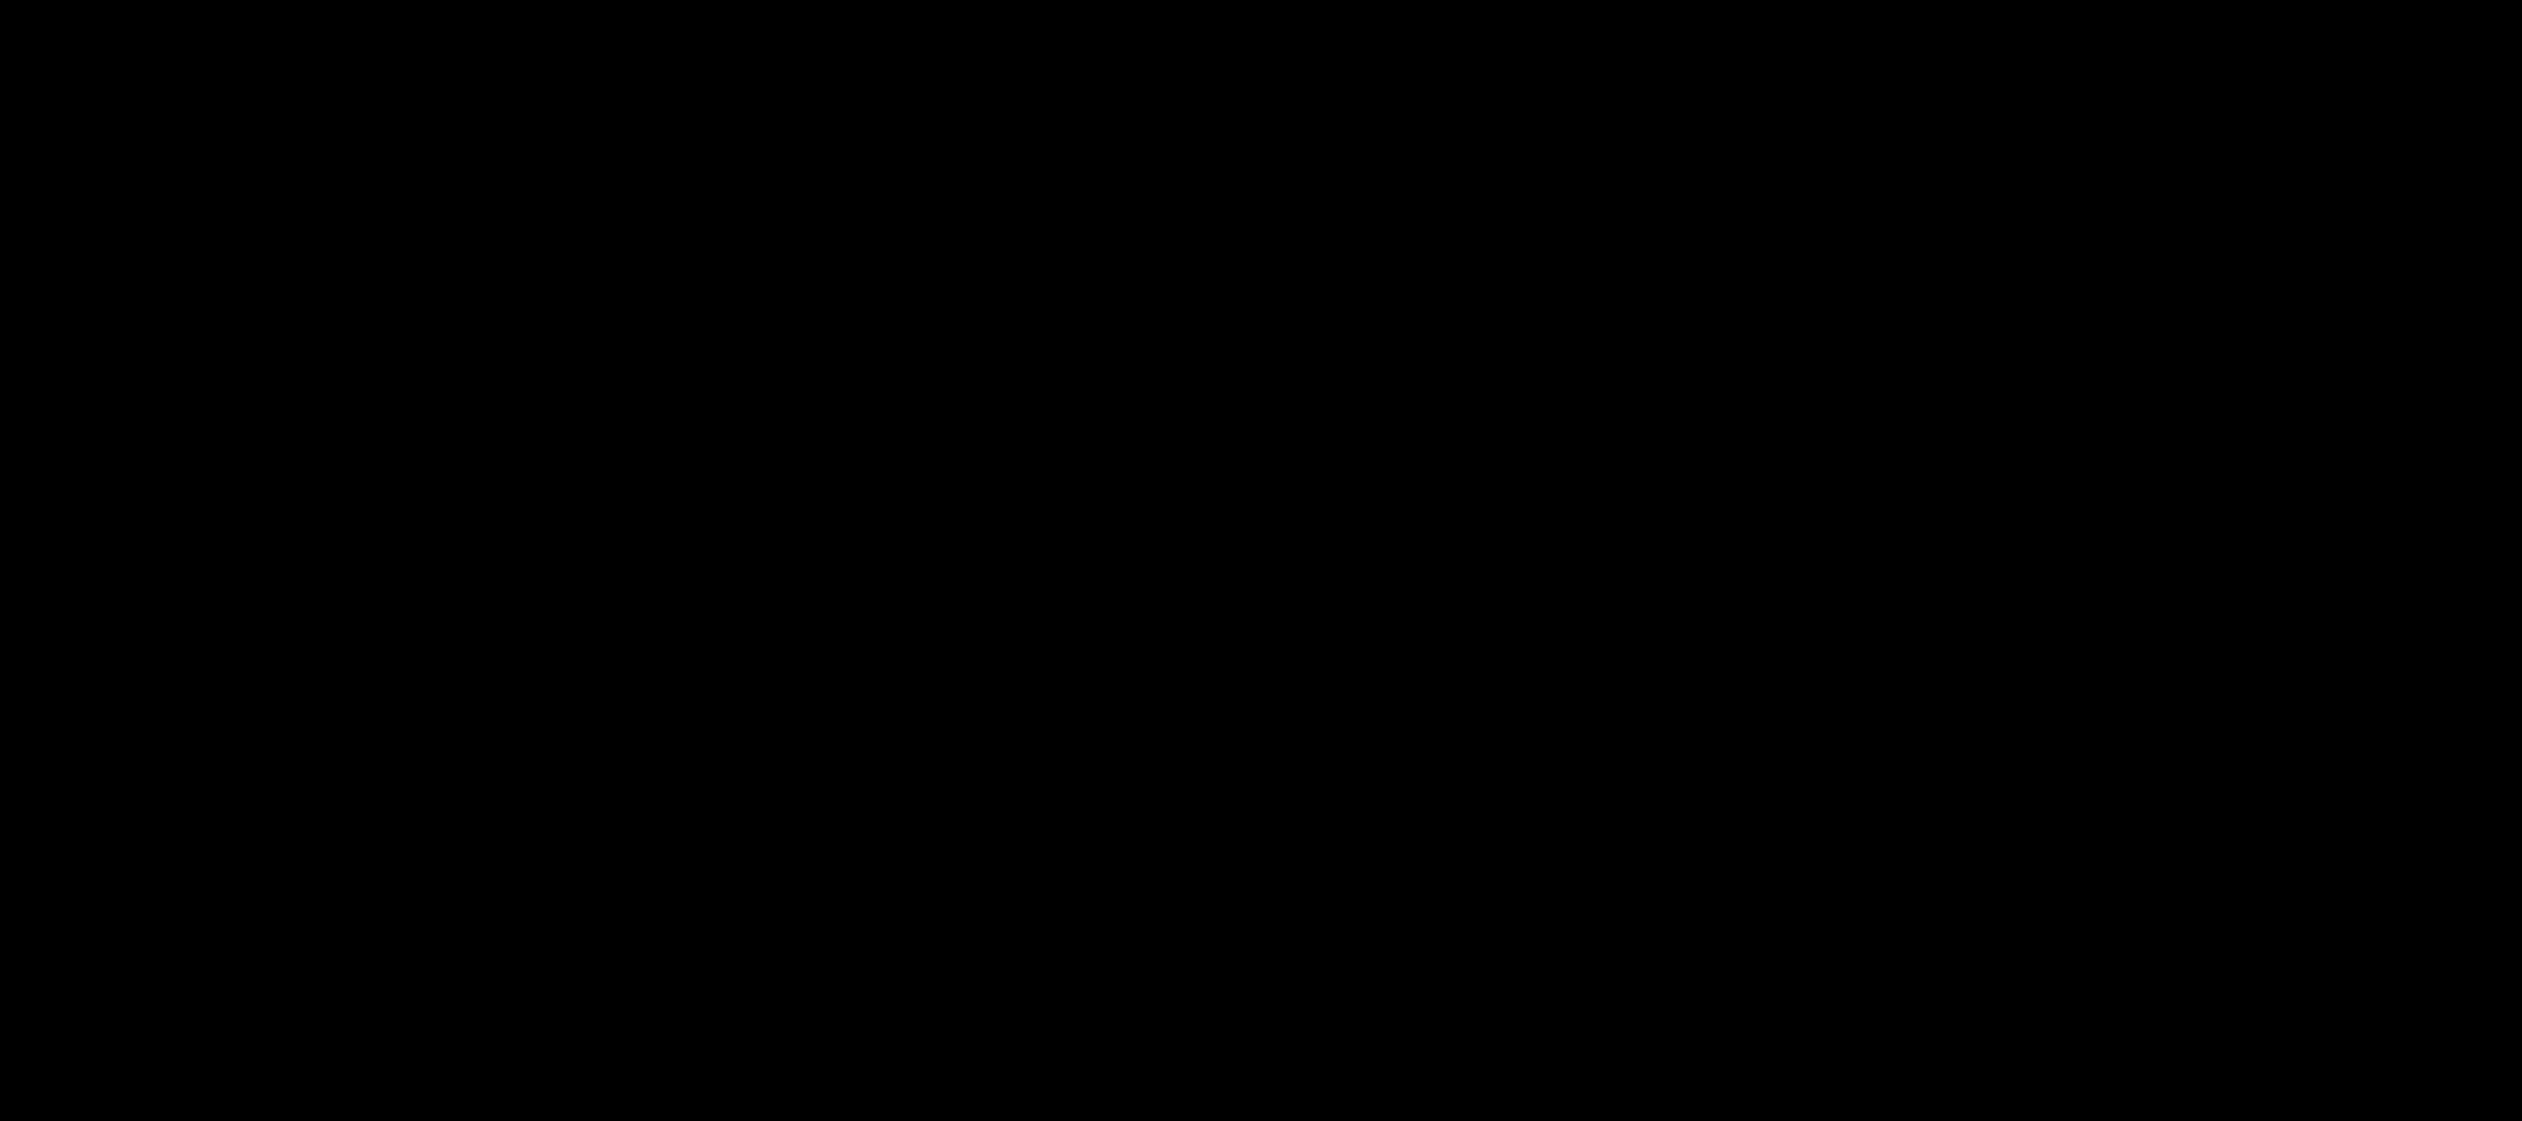 timbre-media-house-transparent-logo